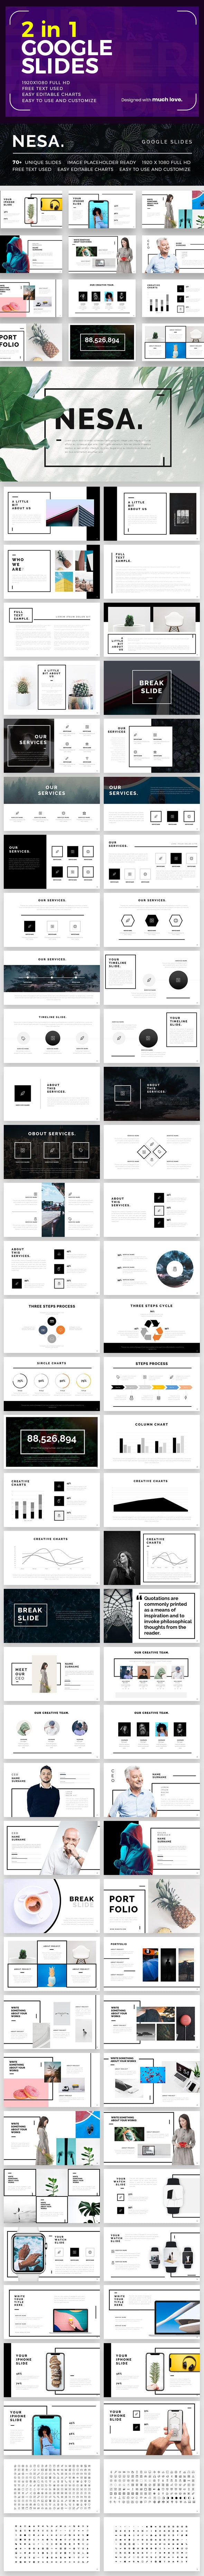 2 in 1 Google Slide Bundle - Google Slides Presentation Templates